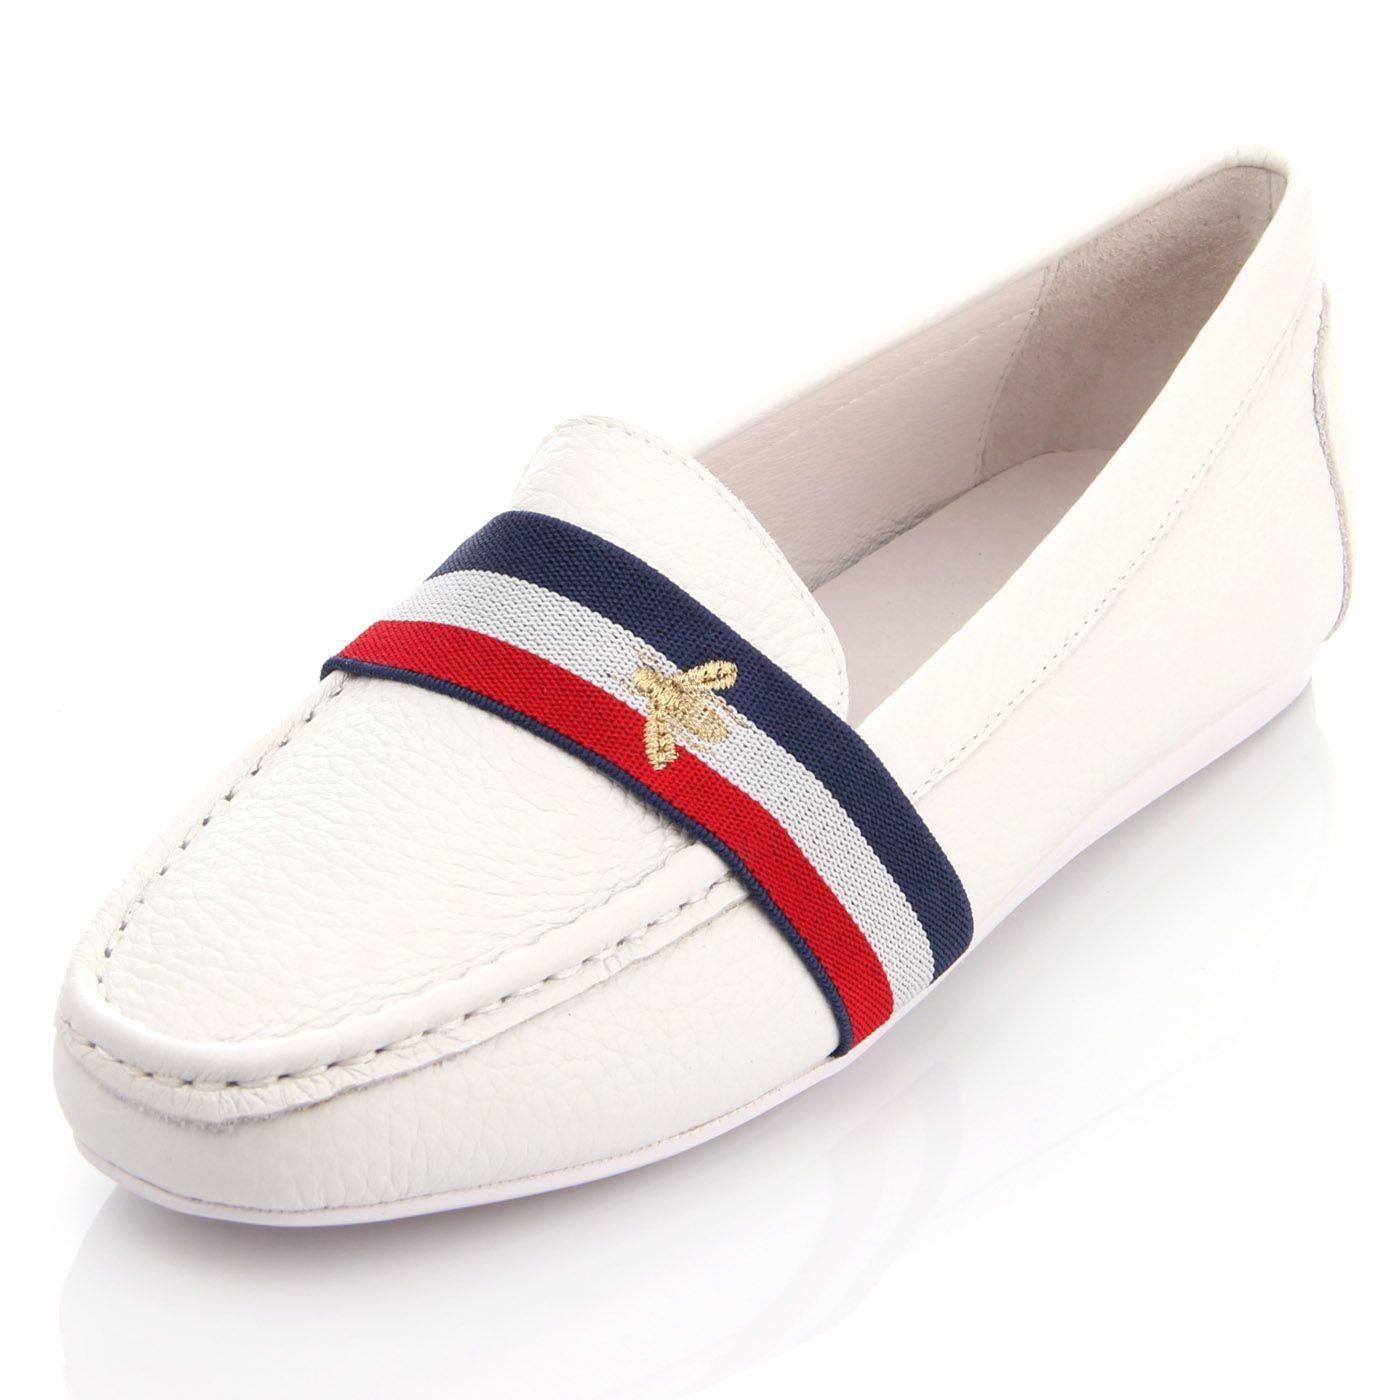 Мокасины женские ditto 4809 Белый купить по выгодной цене в интернет ... ffa1112b432aa